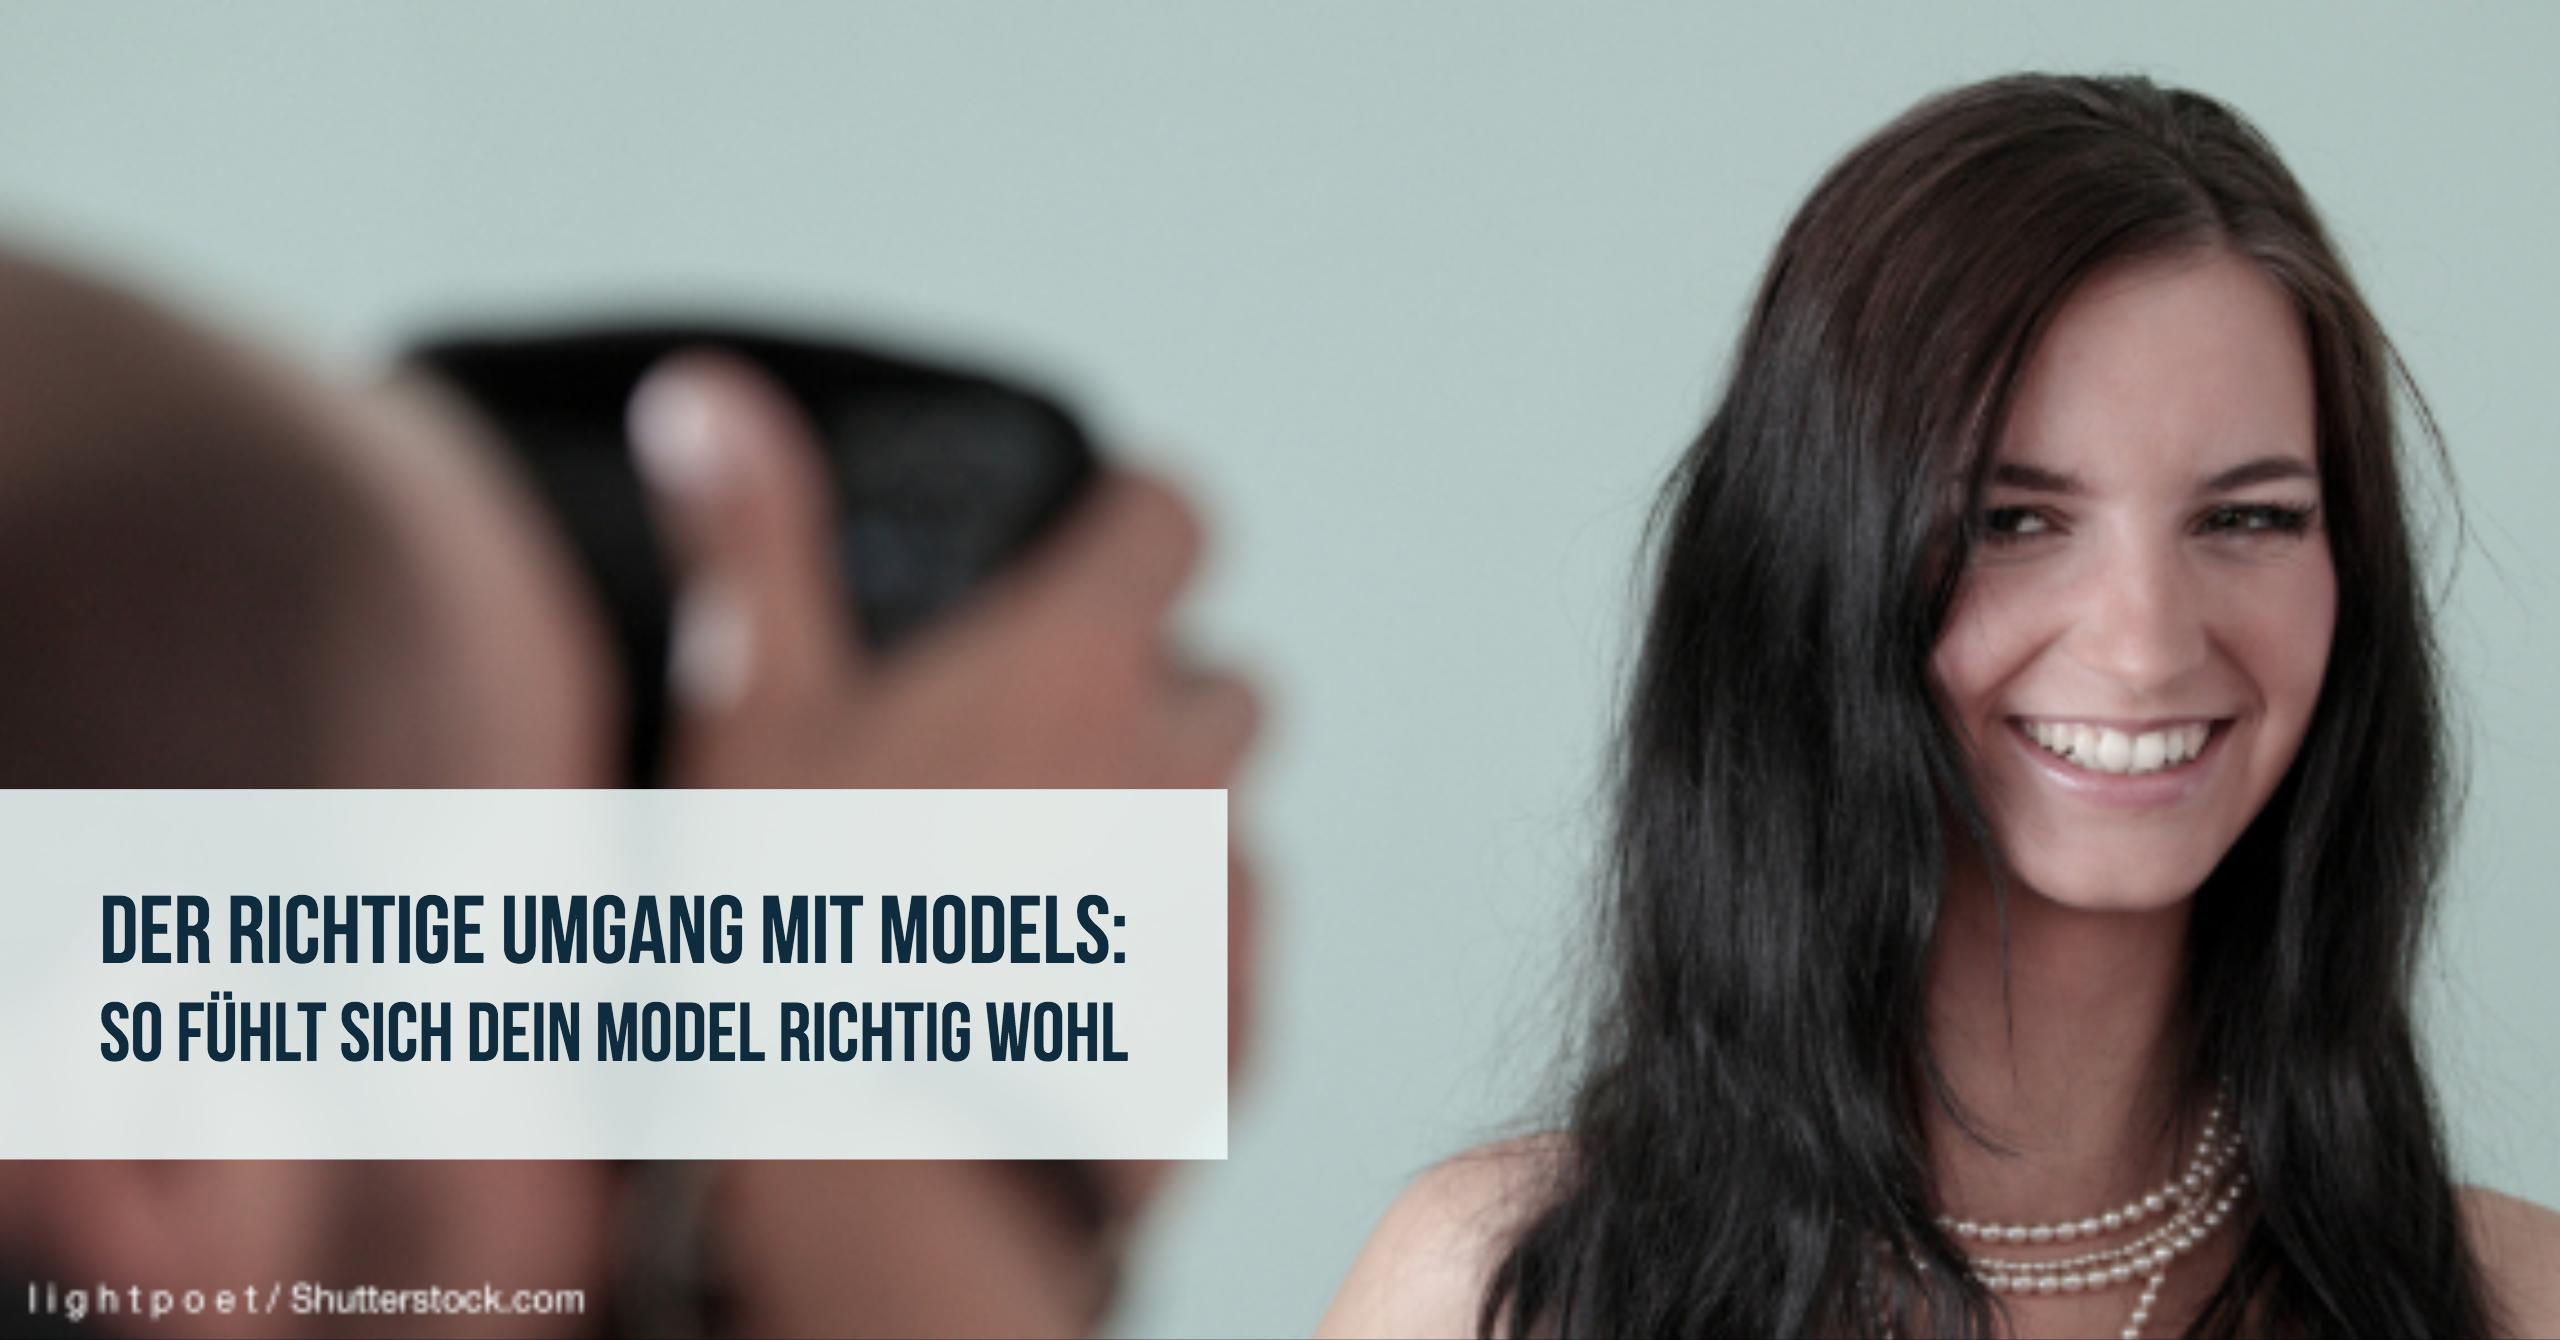 umgang-models-teaser